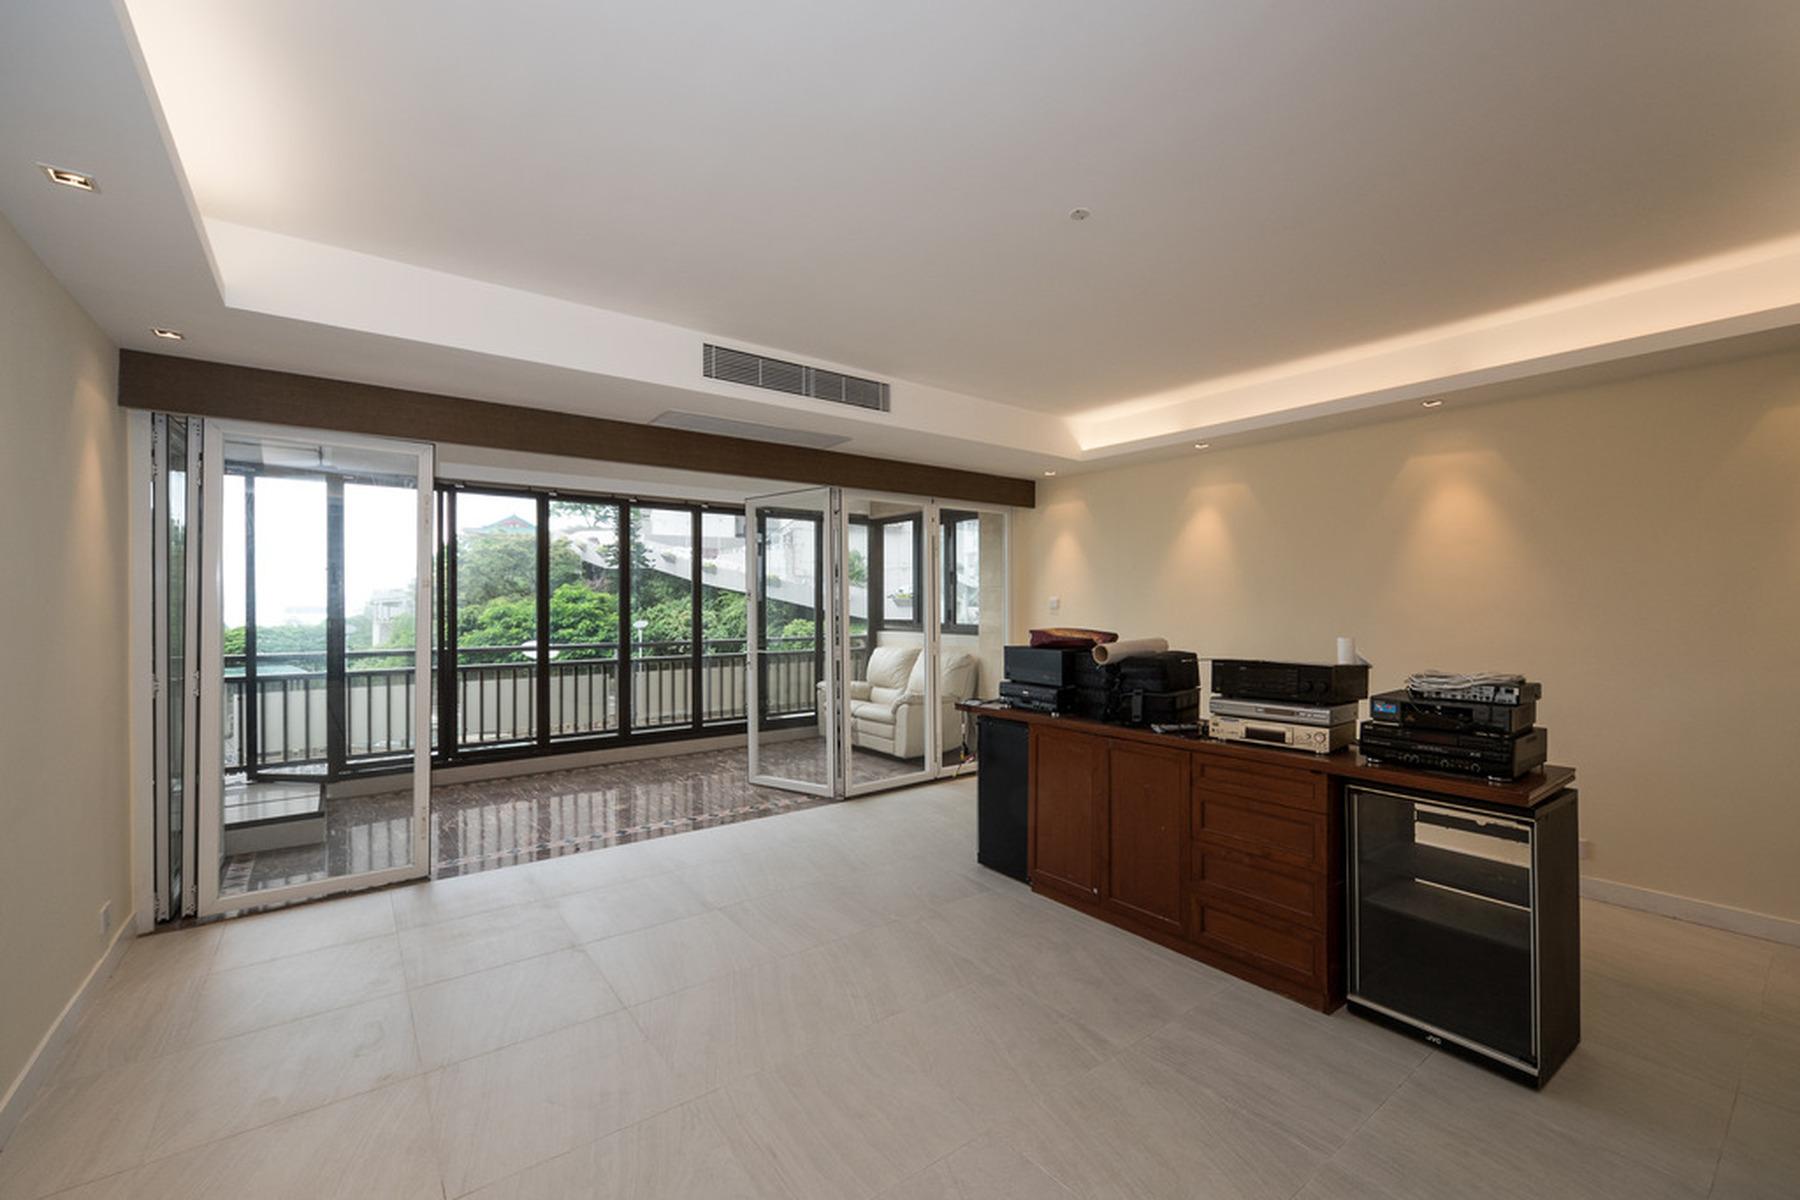 Apartamento para Venda às Repulse Bay Garden - Block 03-04 Repulse Bay, Hong Kong, Hong Kong